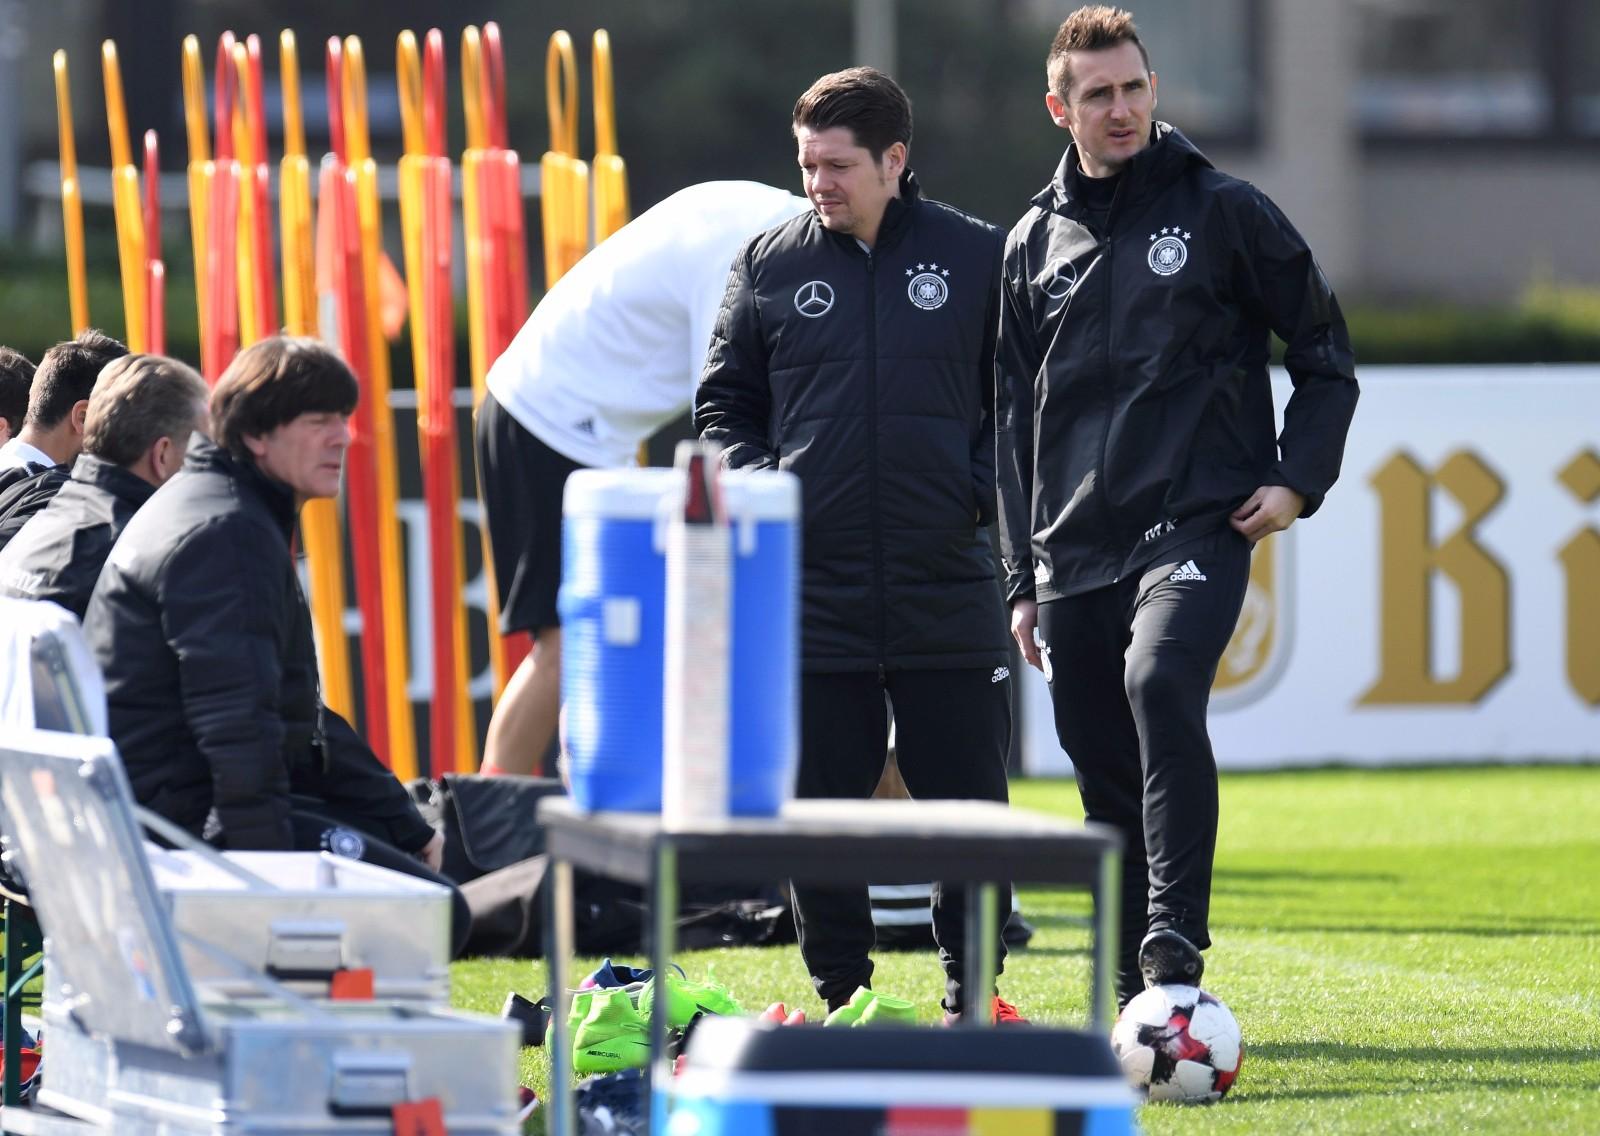 图为2017年3月24日,德国队助理教练克洛泽(右一)在备战2018年俄罗斯世界杯预选赛欧洲区对阵阿塞拜疆队的训练中。